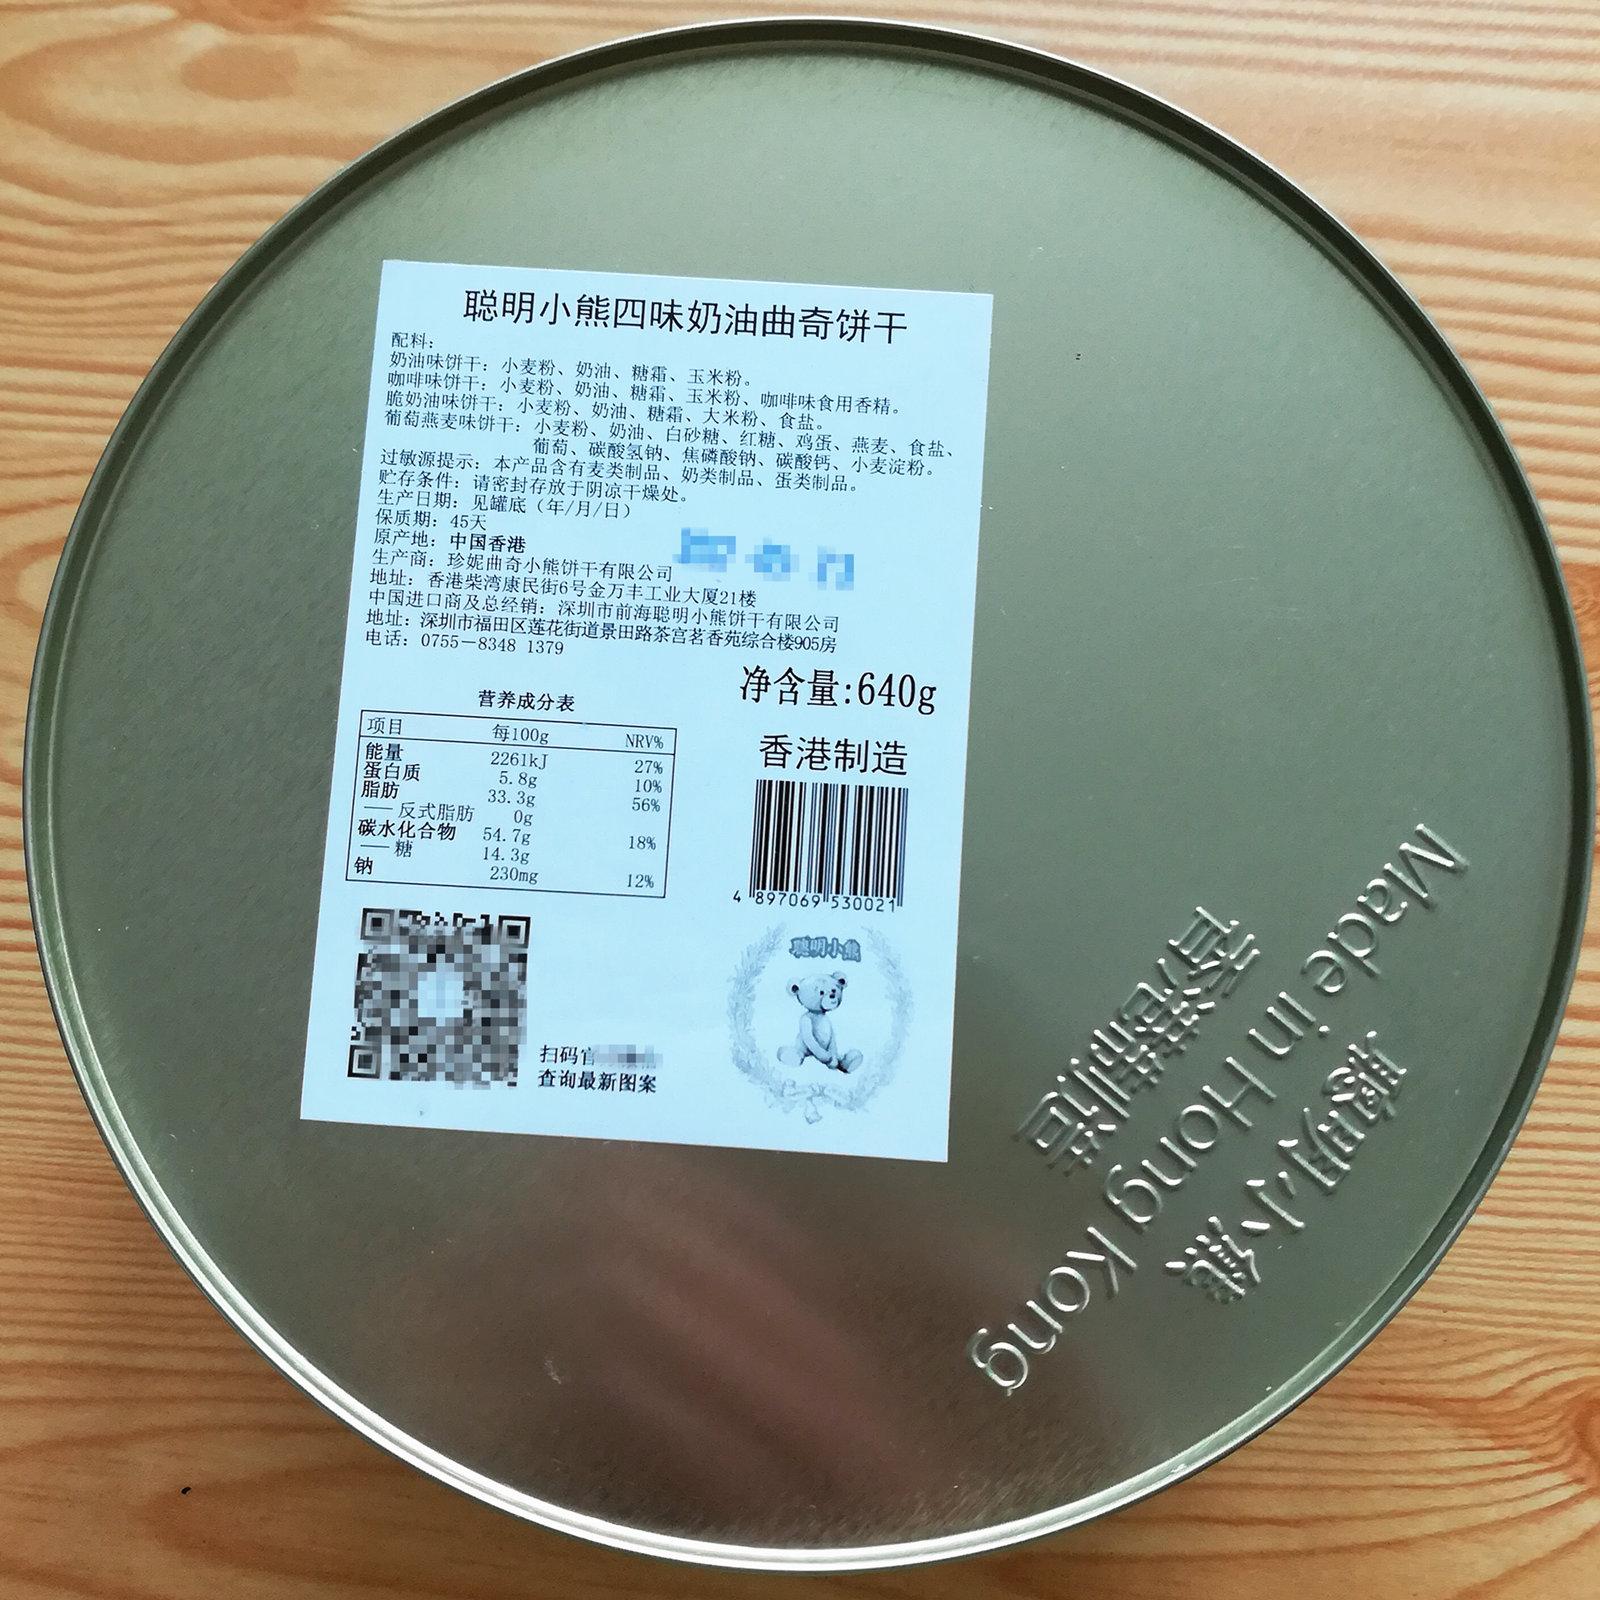 香港珍妮曲奇聪明小熊手工曲奇饼干礼盒装640g四味大4mix进口零食